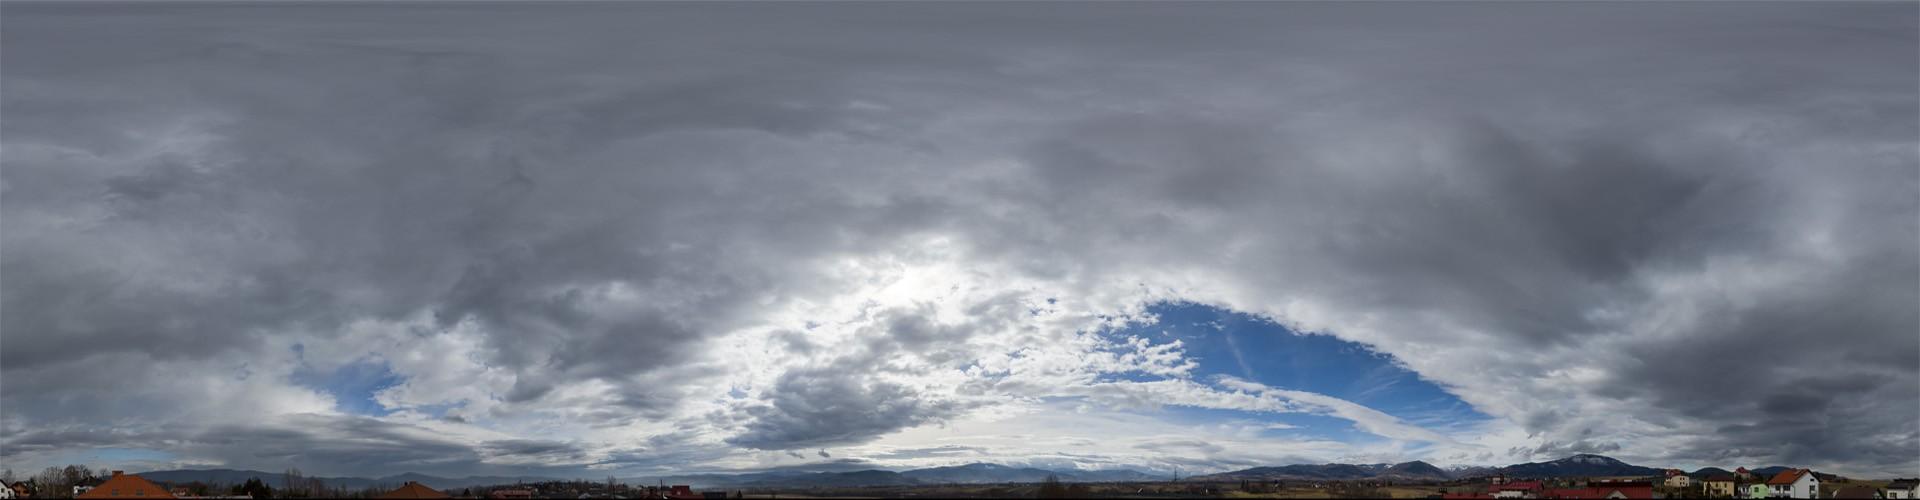 Cloudy Mountains 8277 (30k) HDRI